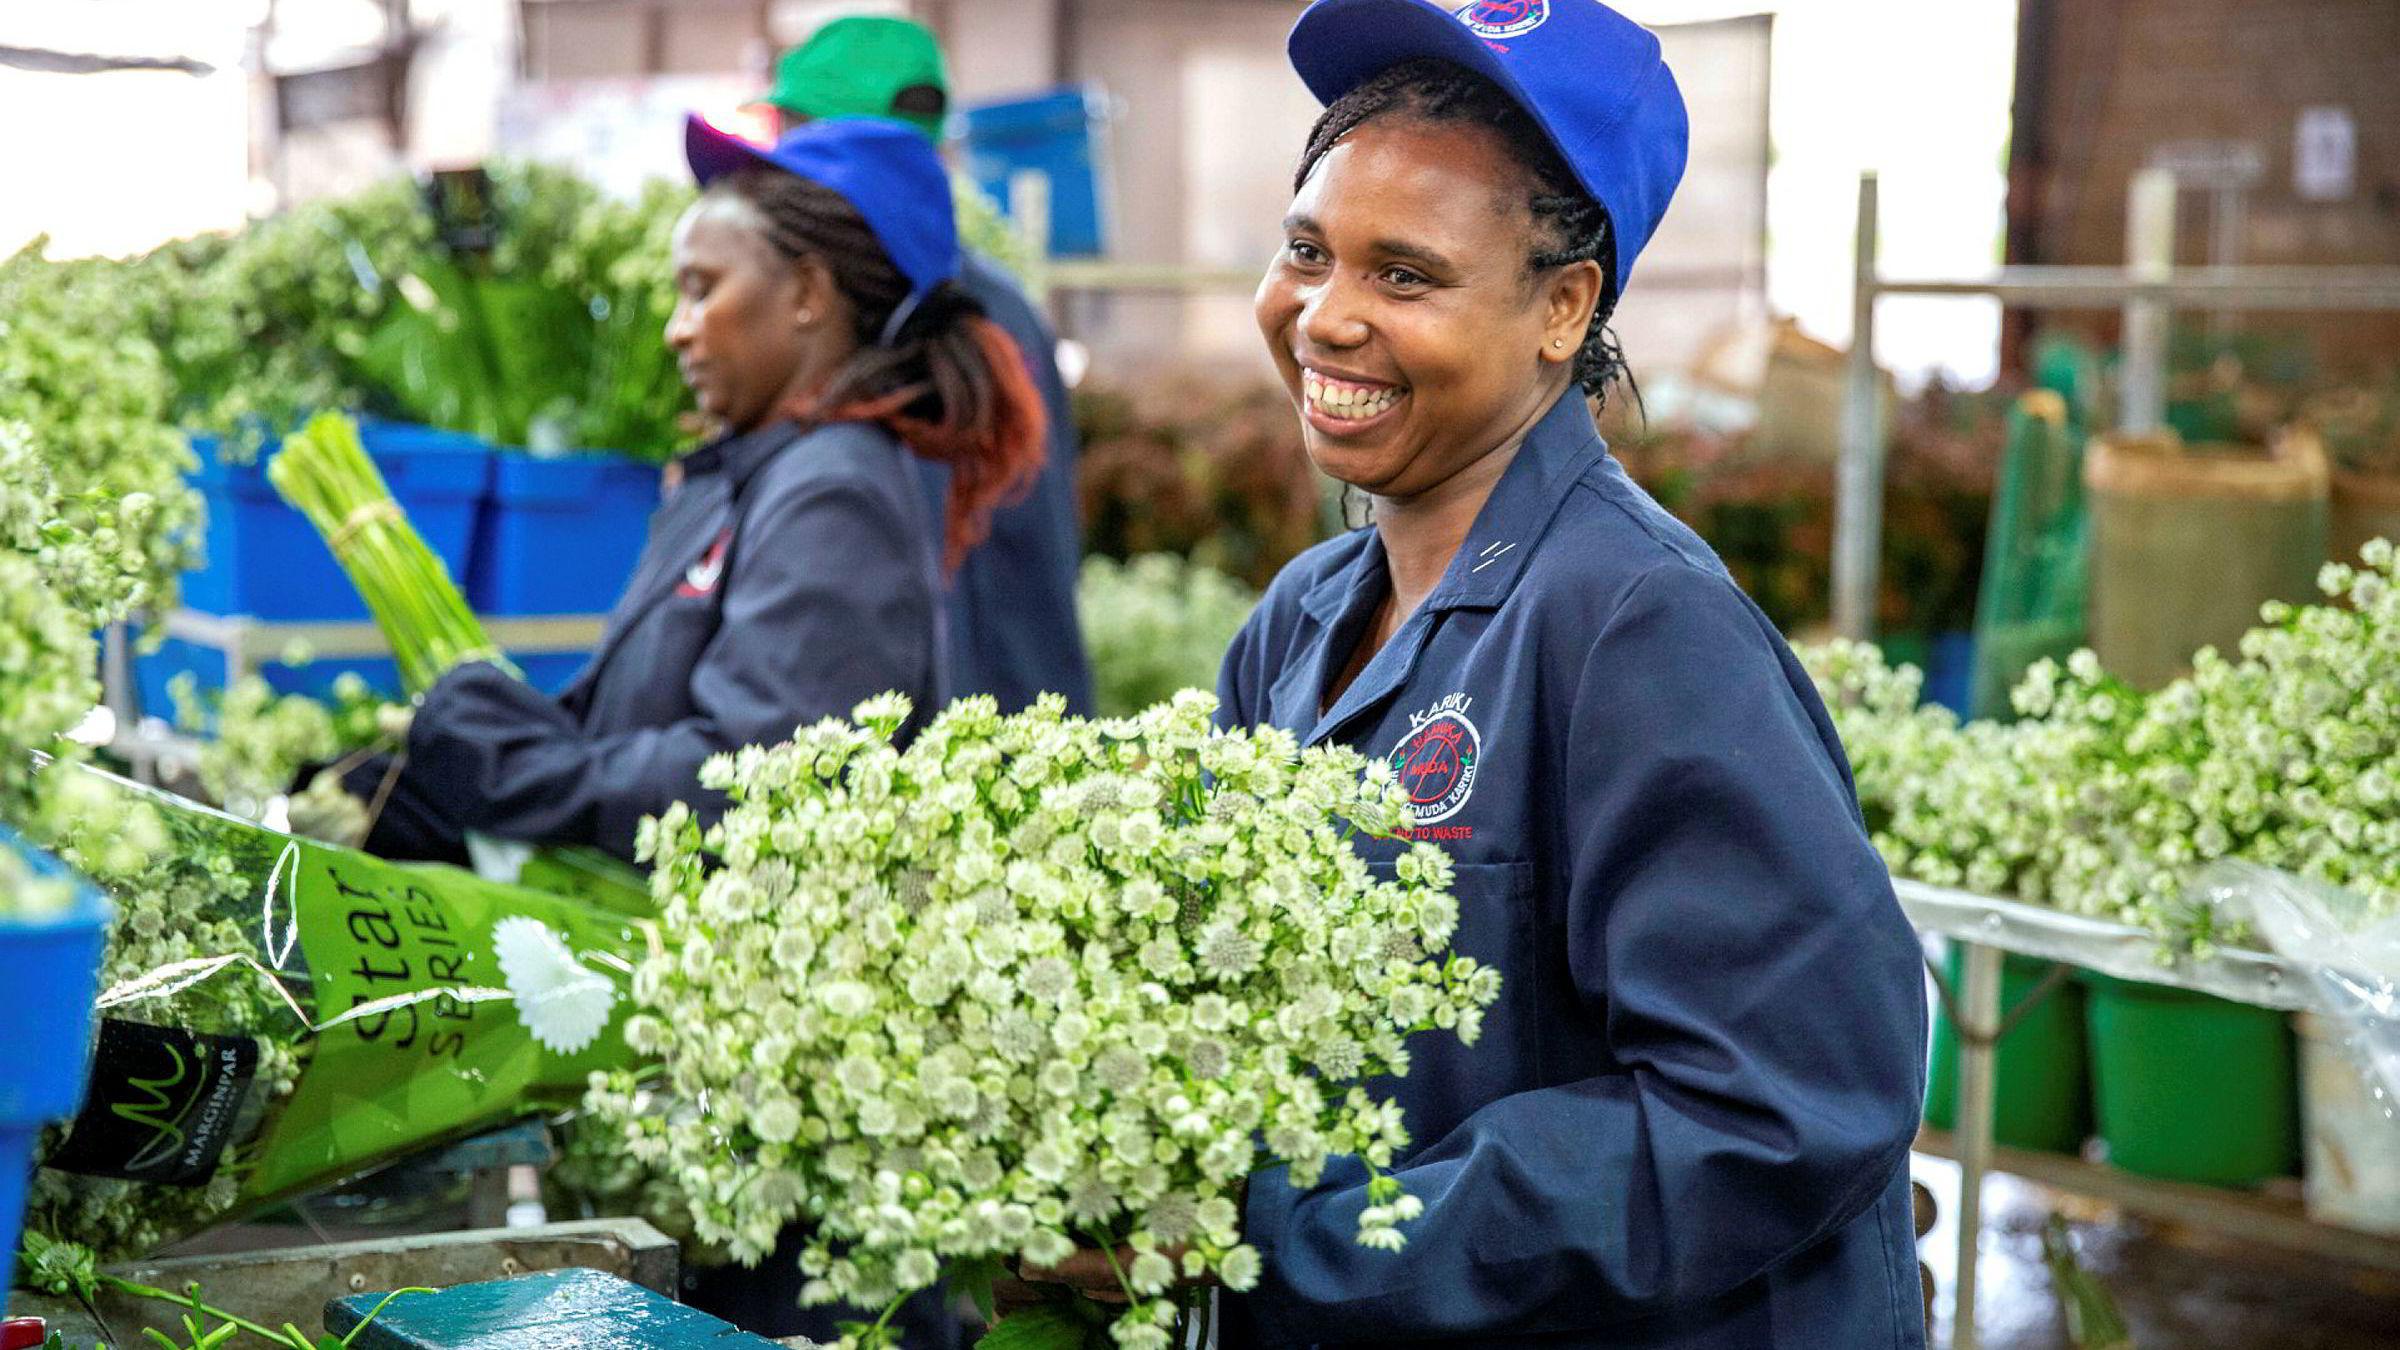 Den østafrikanske blomsterprodusenten Marginpar at de mistet så godt som alle inntekter da blomsterbørsen i Amsterdam lukket dørene i vår. Selskapet har fått nødkapital fra Norfund.